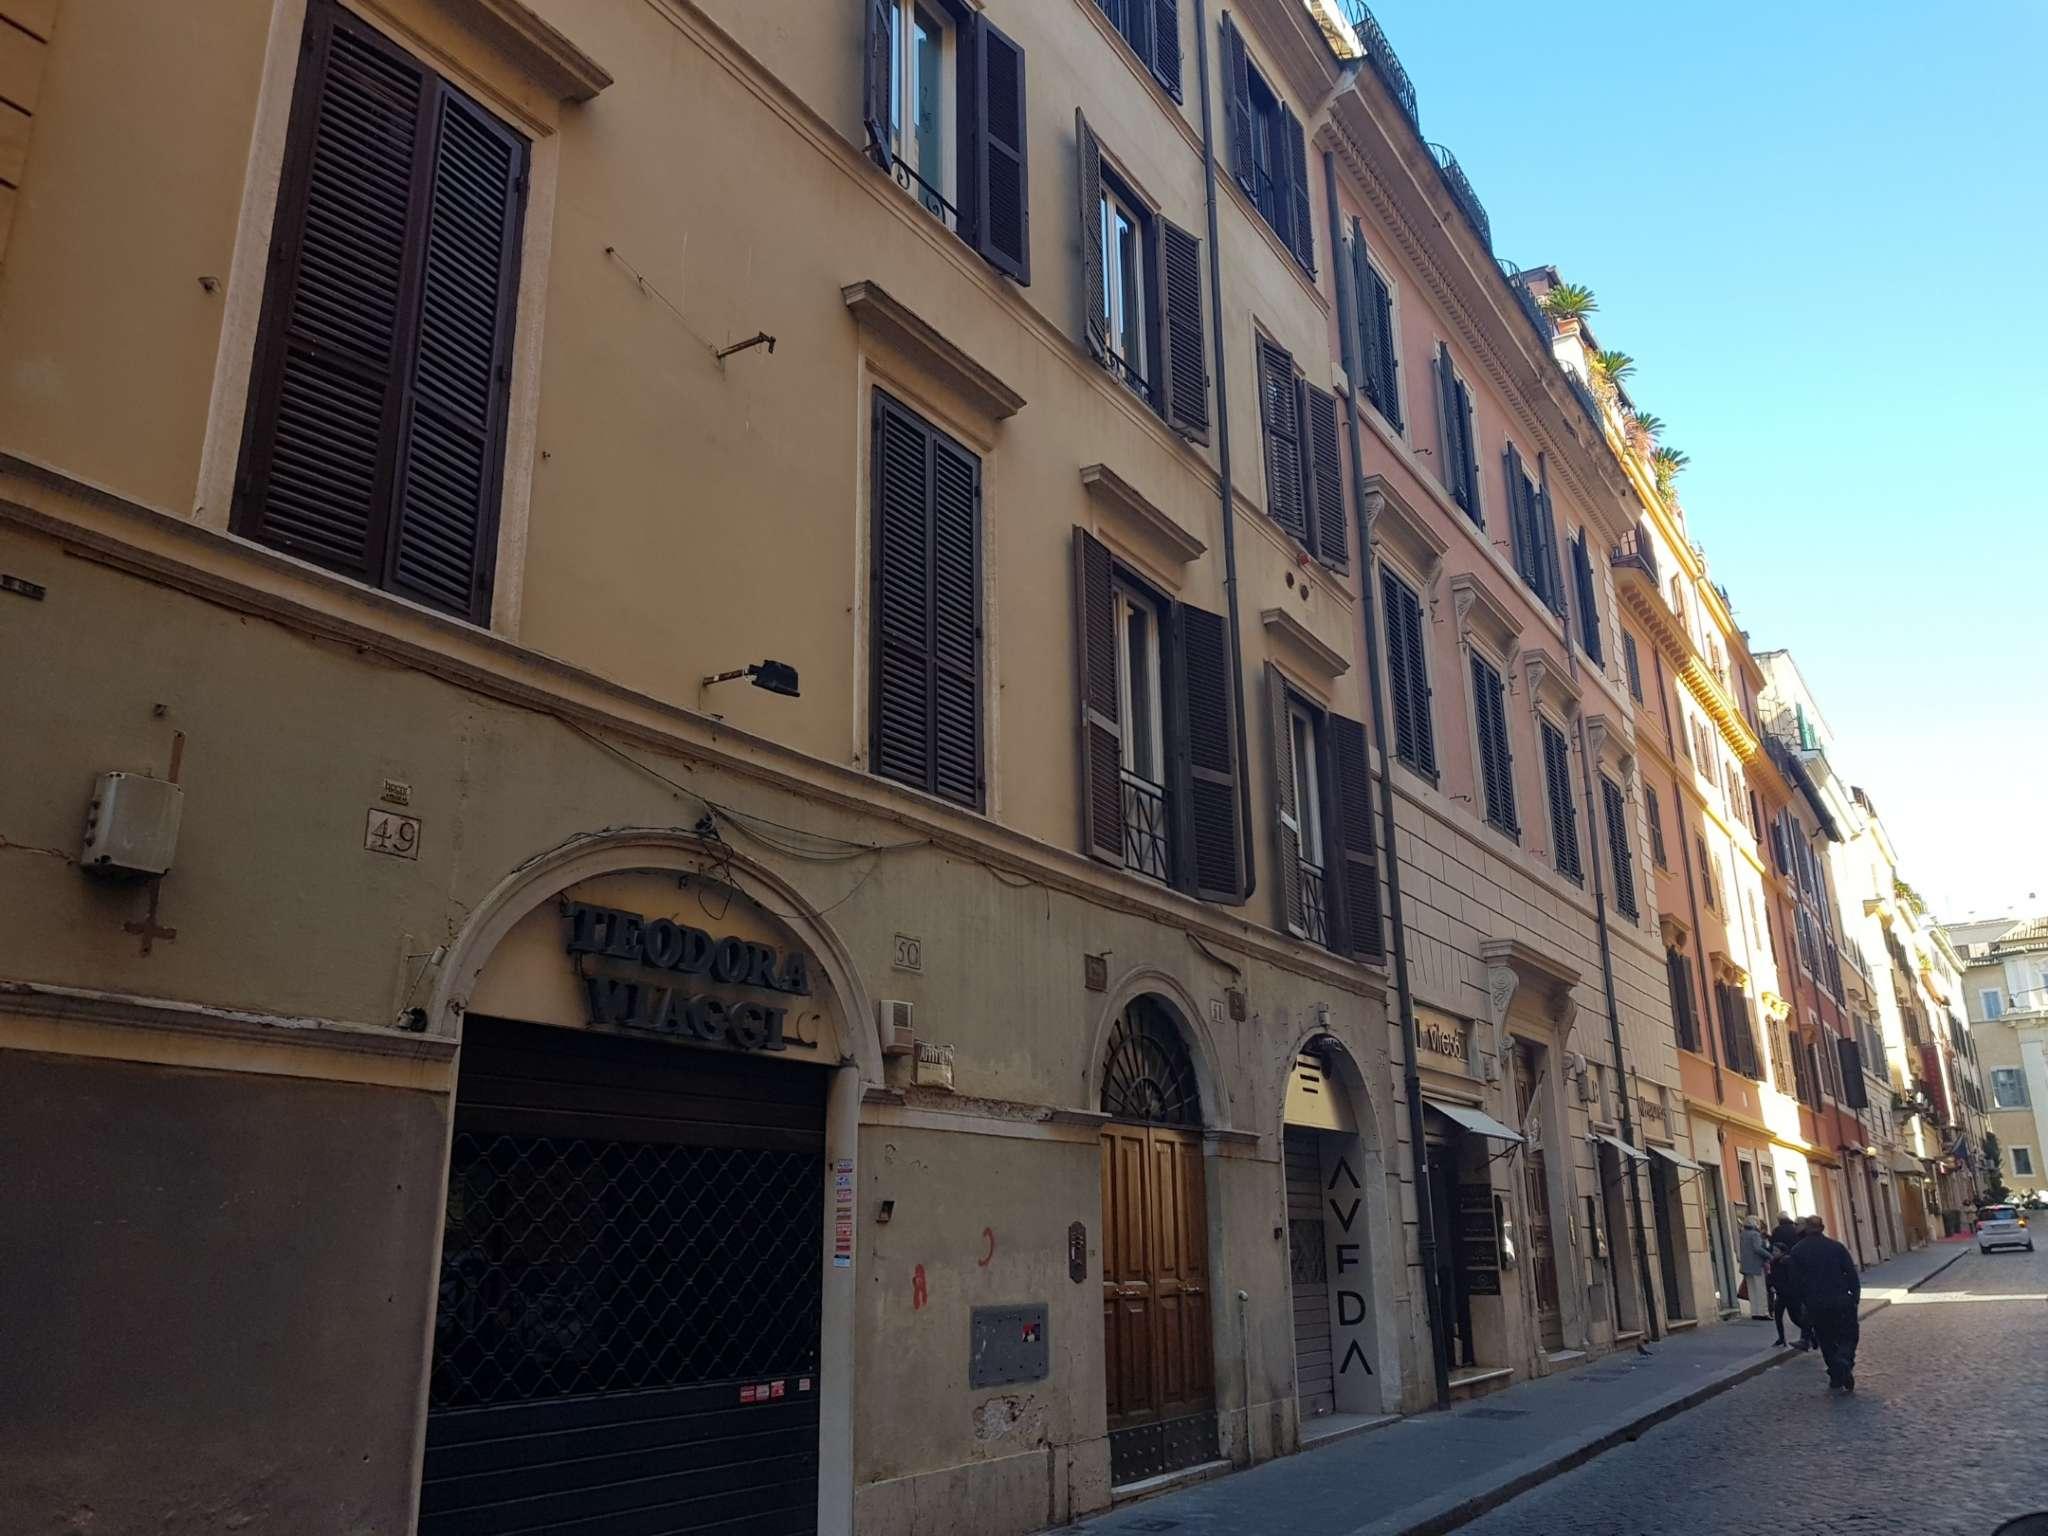 Attico / Mansarda in vendita a Roma, 5 locali, zona Zona: 1 . Centro storico, prezzo € 1.900.000 | CambioCasa.it